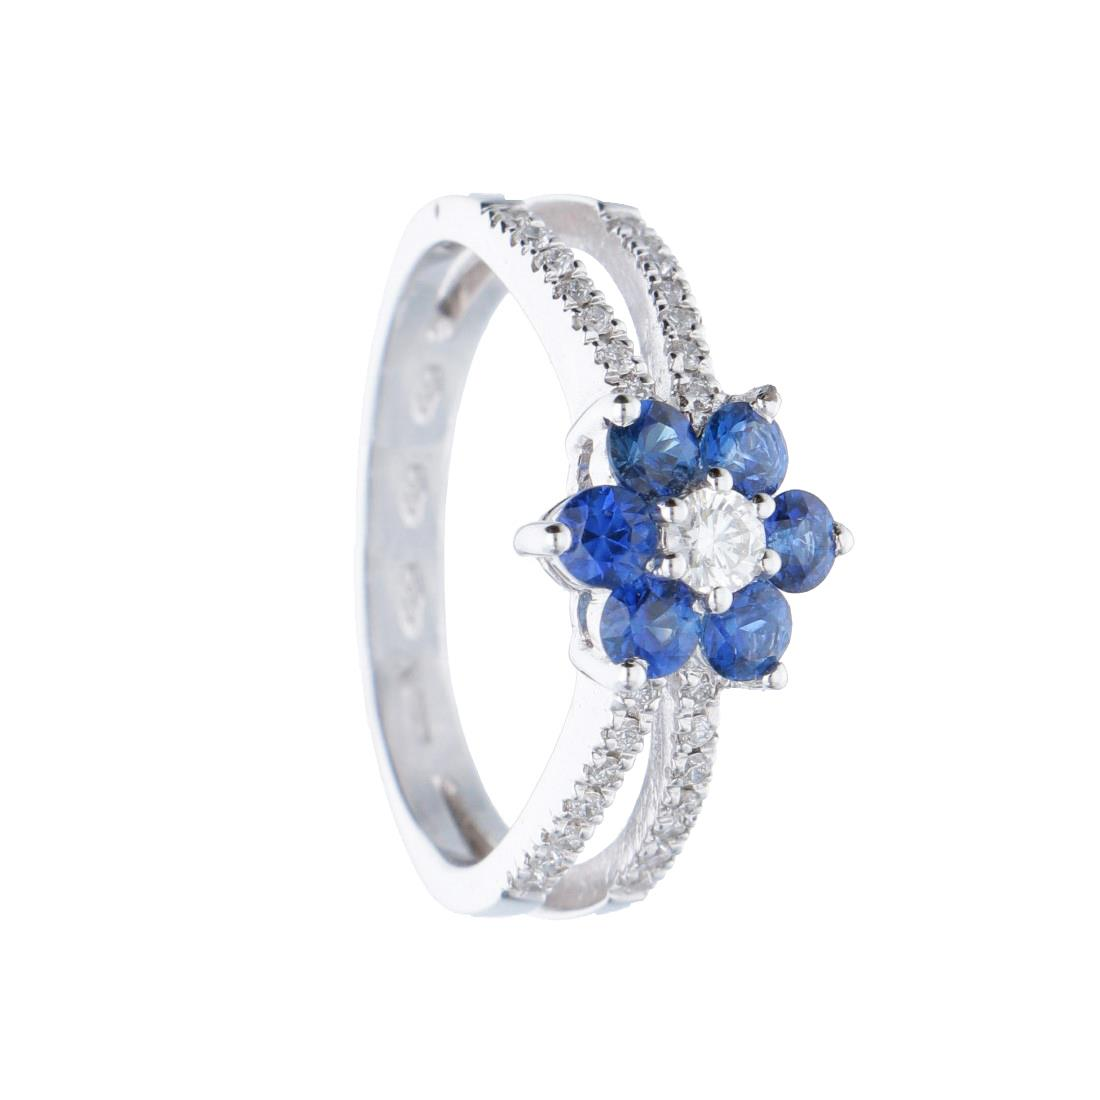 Anello in oro bianco con diamanti e zaffiri blu - ALFIERI ST JOHN